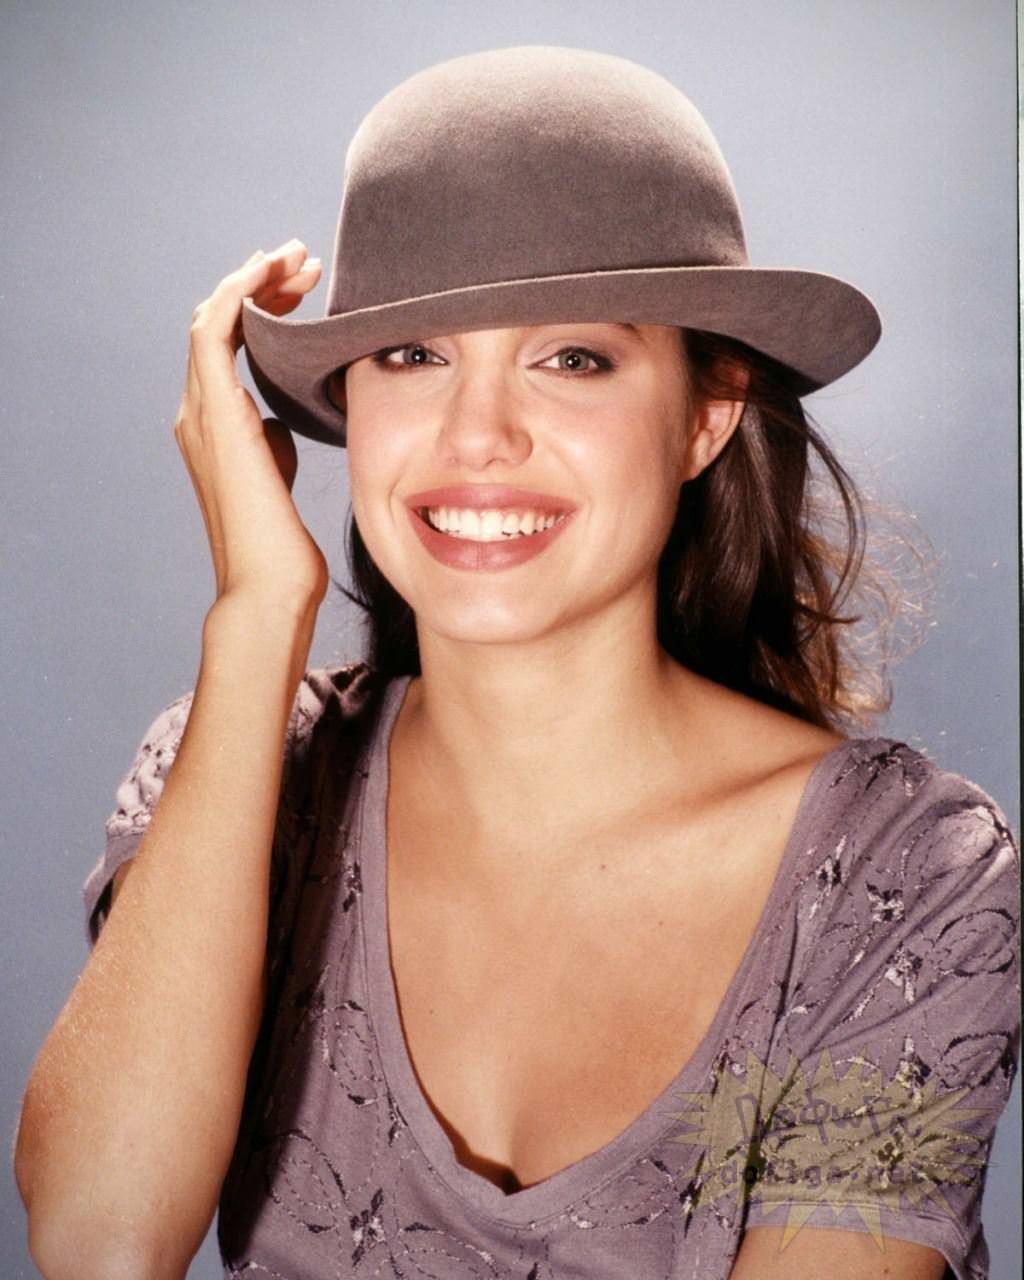 【外人】世界トップレベルの美女アンジェリーナ·ジョリー(Angelina Jolie)のポルノ画像 7192